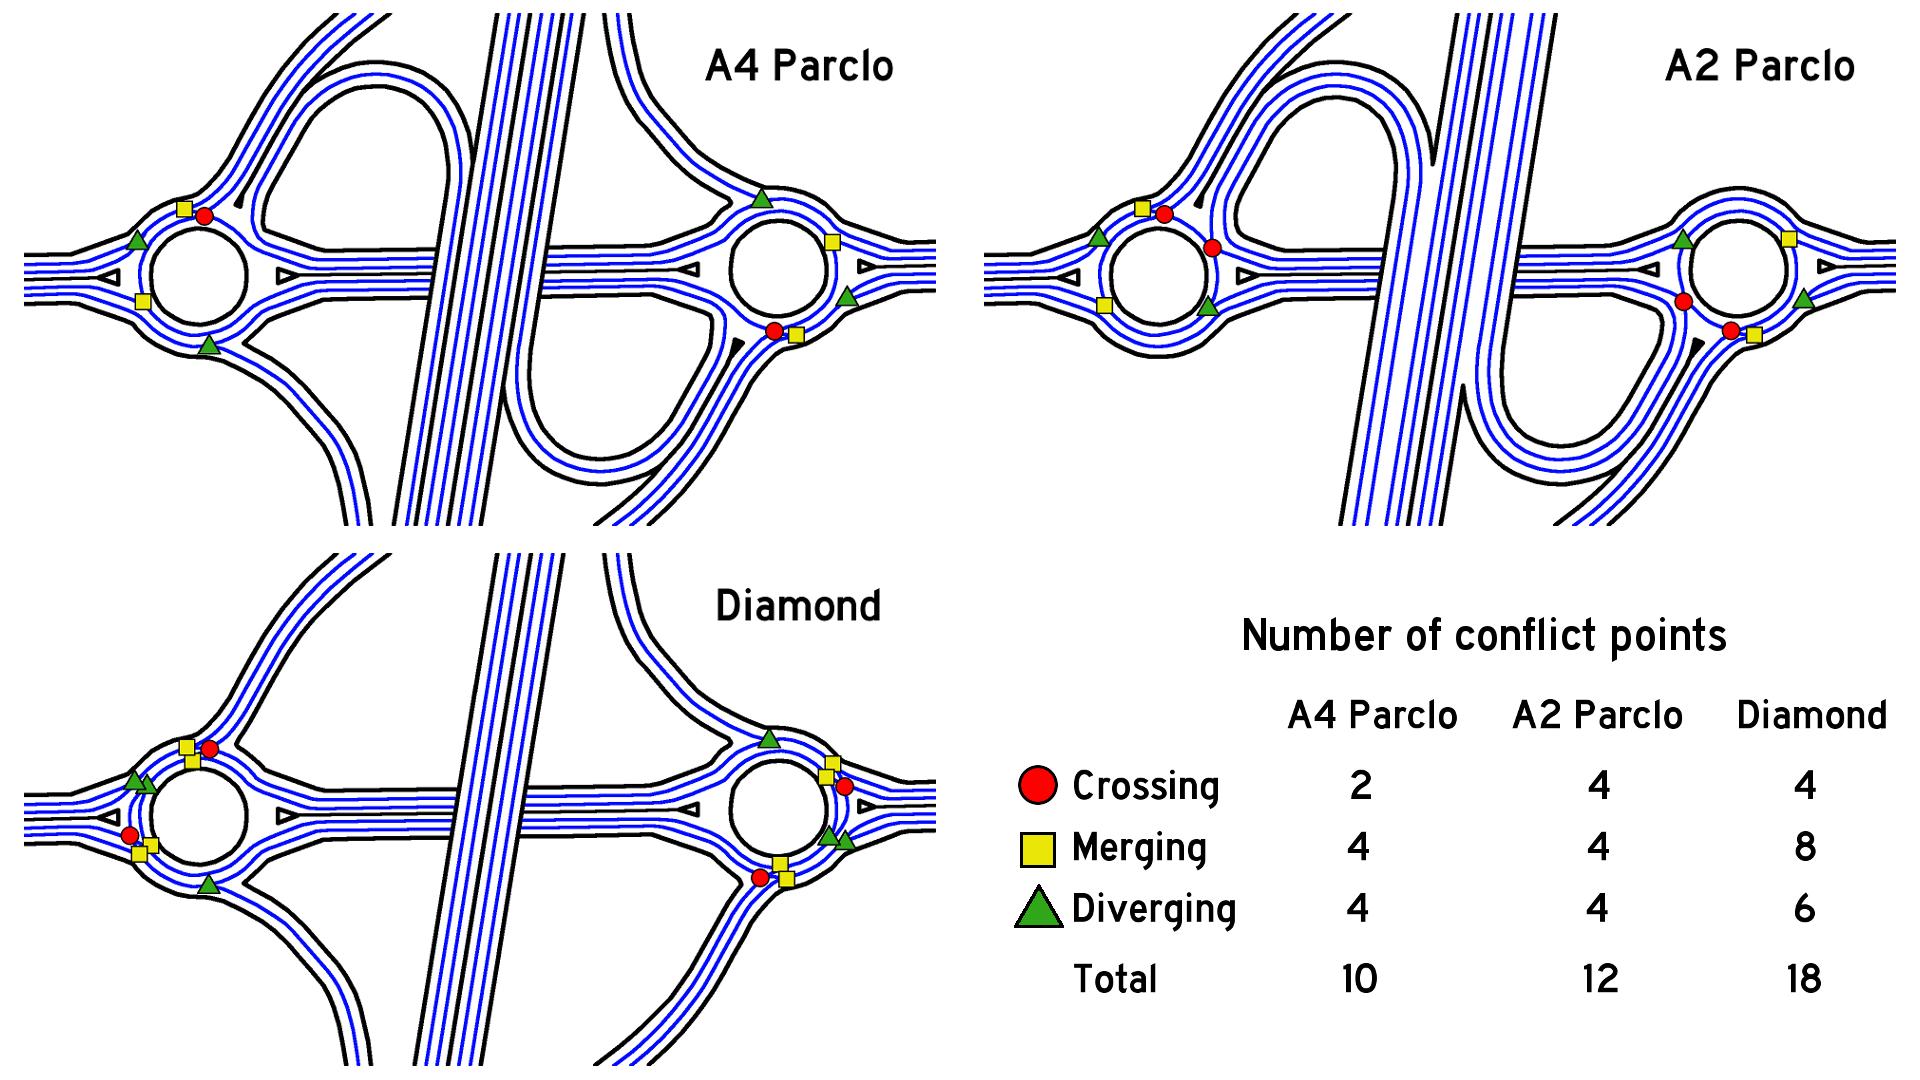 Comparison Between Roundabout Service Interchange Designs